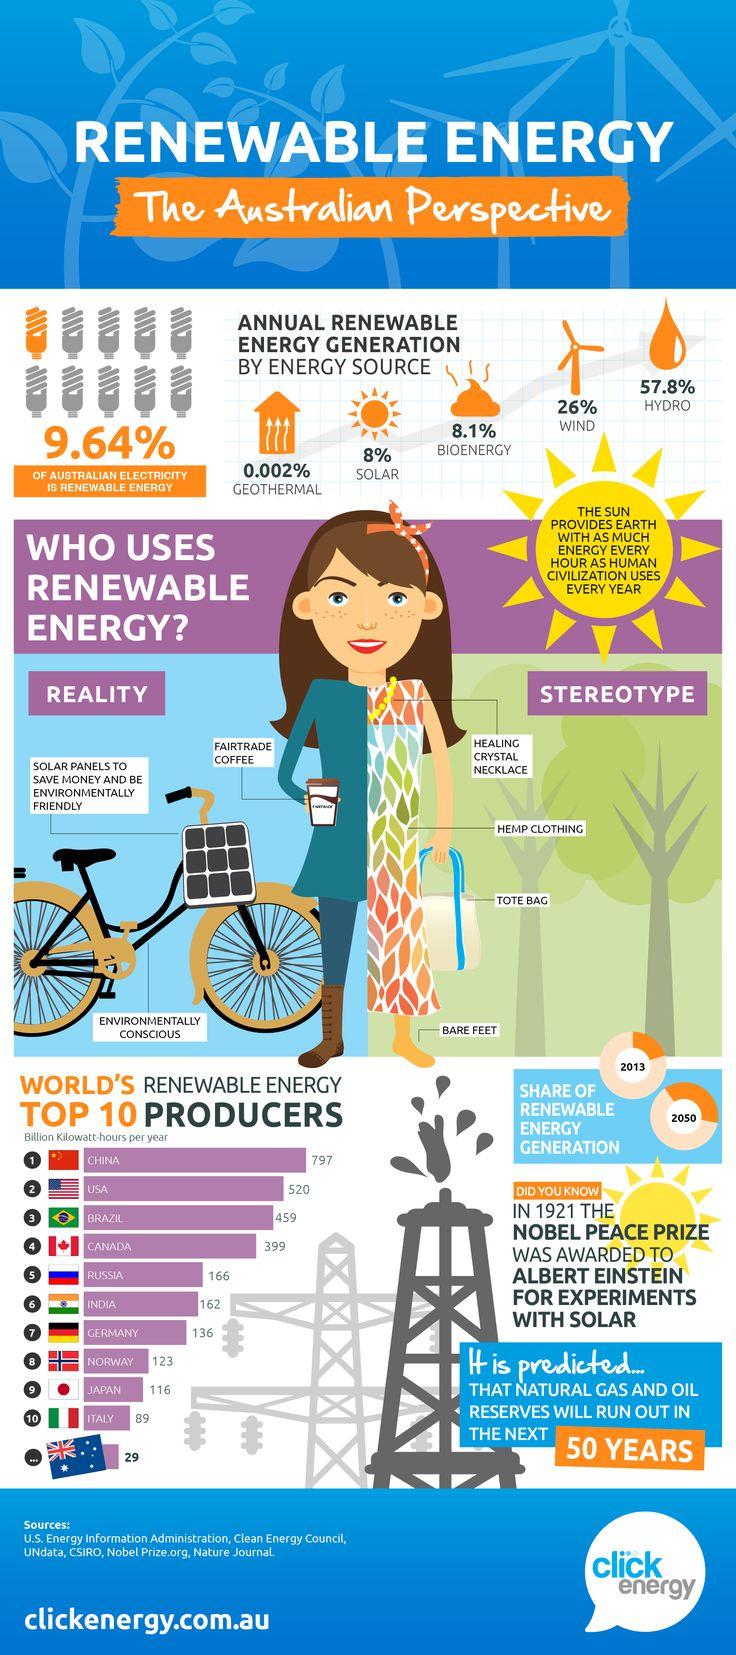 Renewable Energy - The Australian Perspective   #Energy #RenewableEnergy #infographic